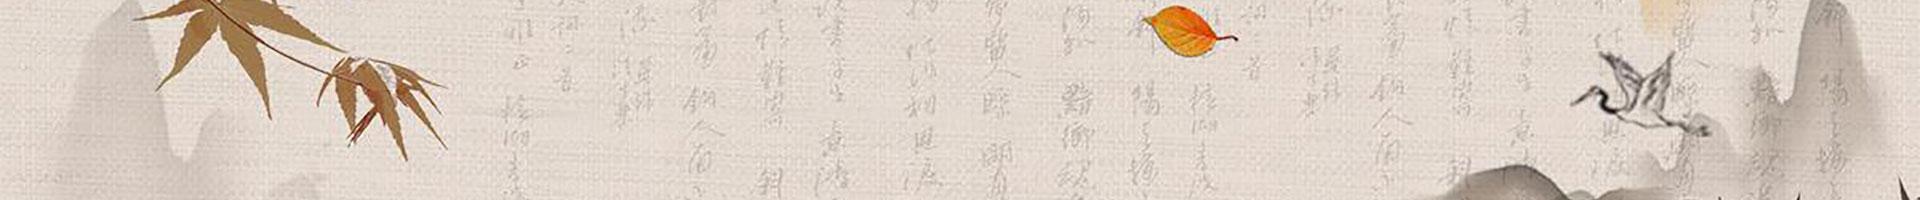 杂谈jbo寺